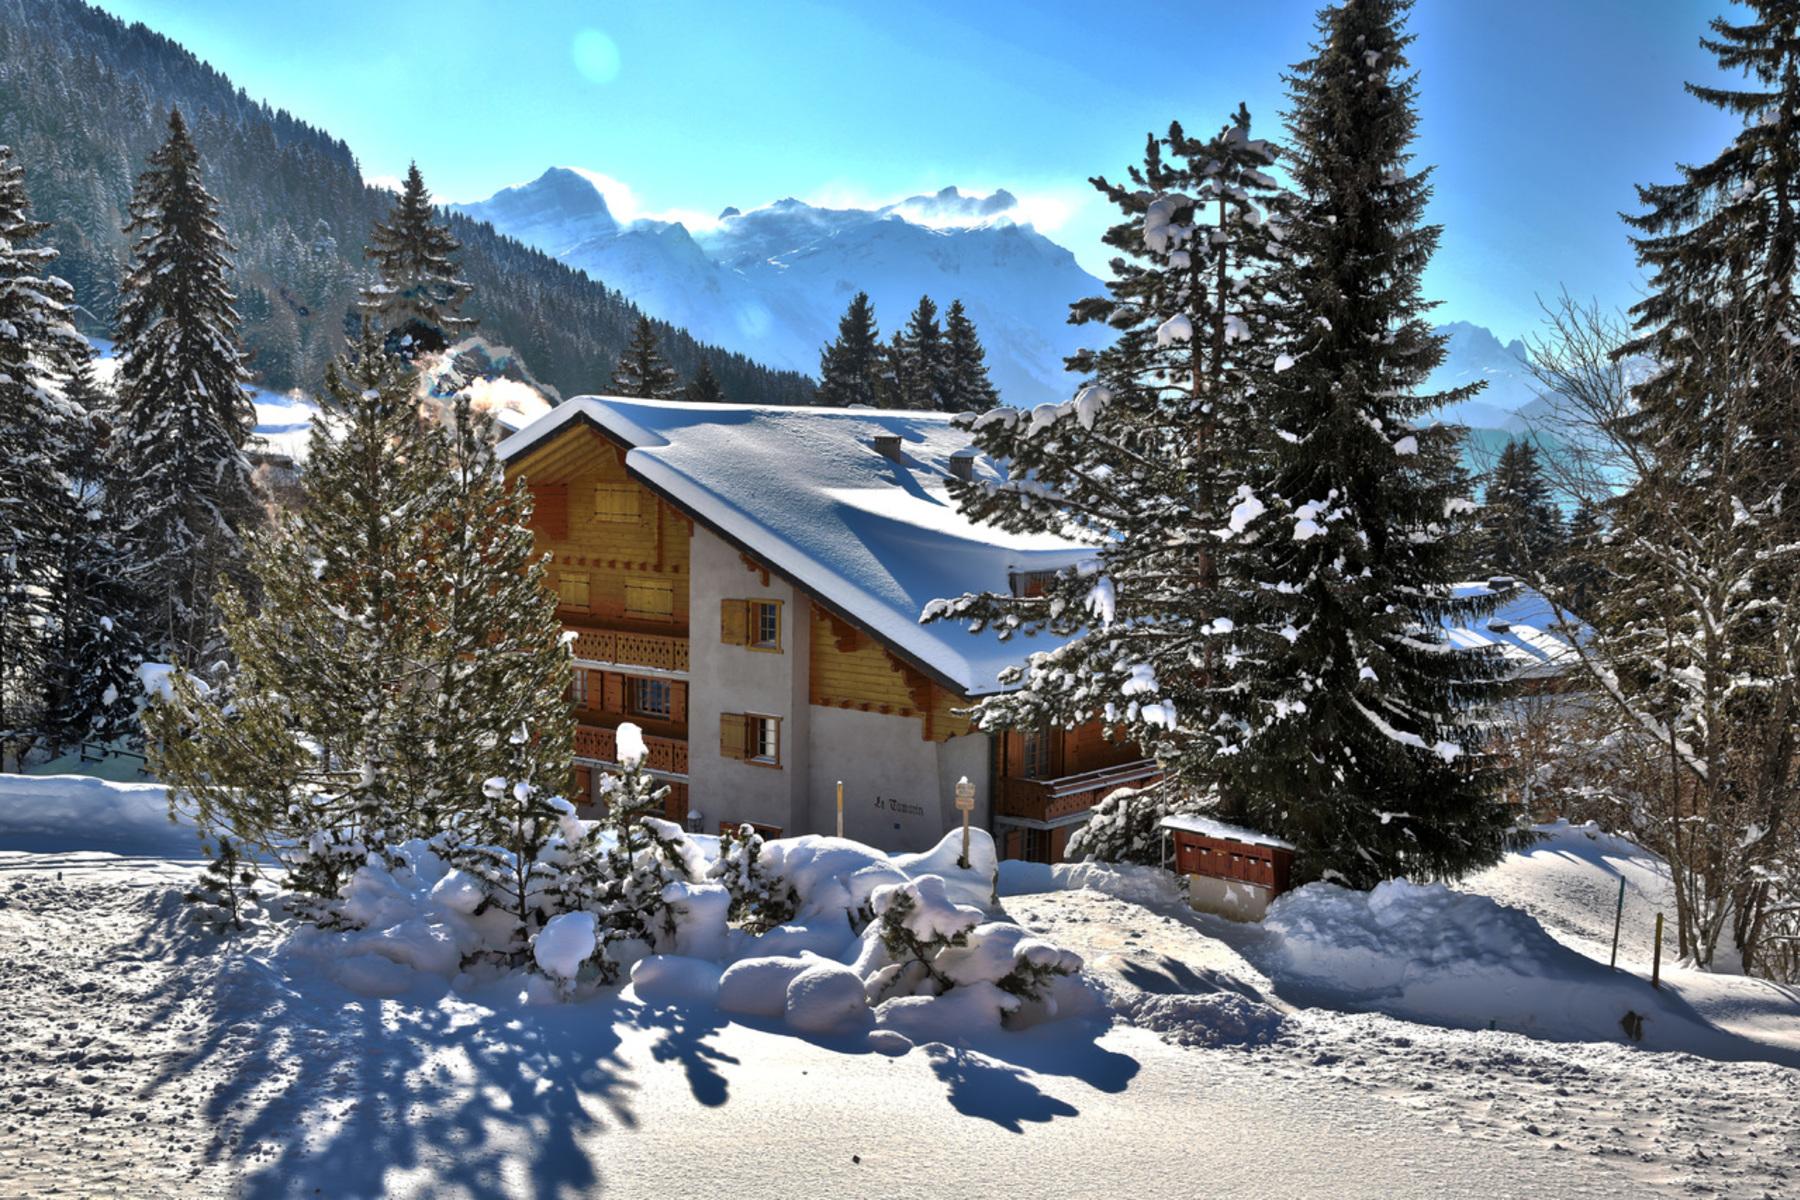 شقة للـ Sale في Tamarin 6 Route de la Résidence 74 Villars-Sur-Ollon, Vaud, 1884 Switzerland